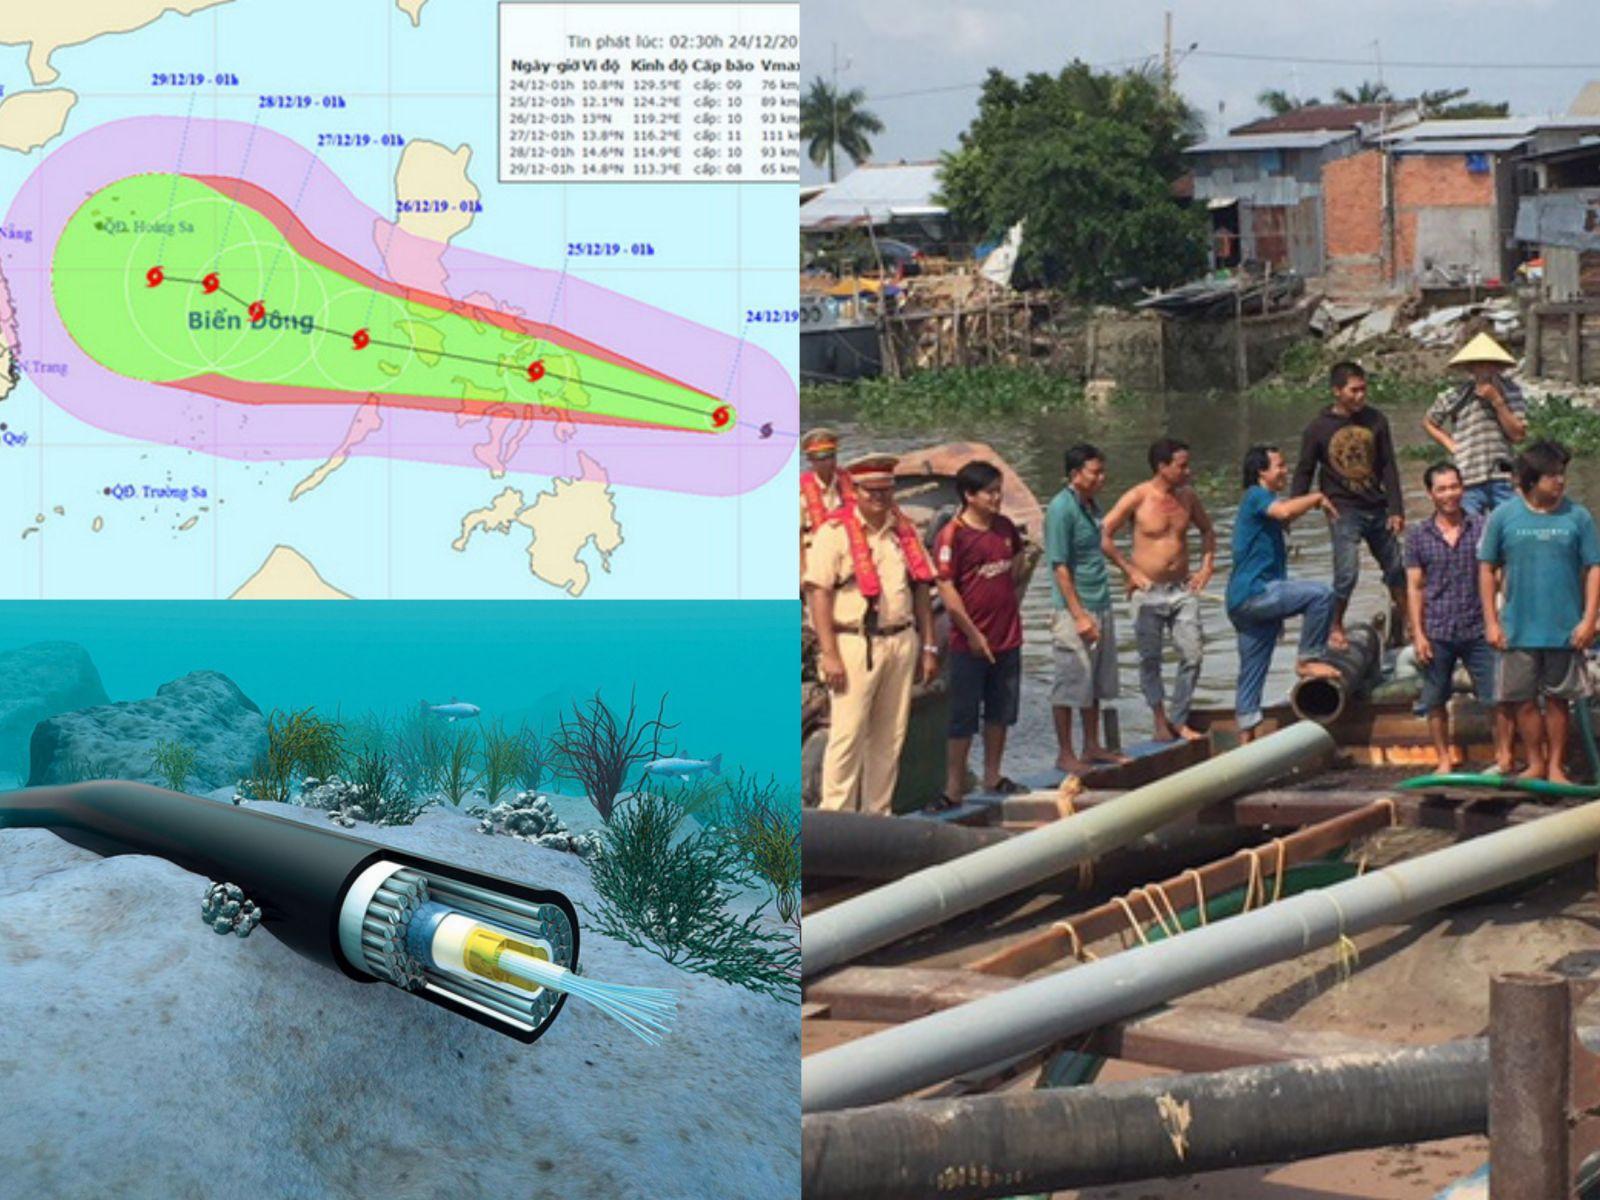 News 24h (24/12): Bão Phanfone vào gần Biển Đông, cán bộ thanh tra tỉnh bị bắt trên chiếu bạc